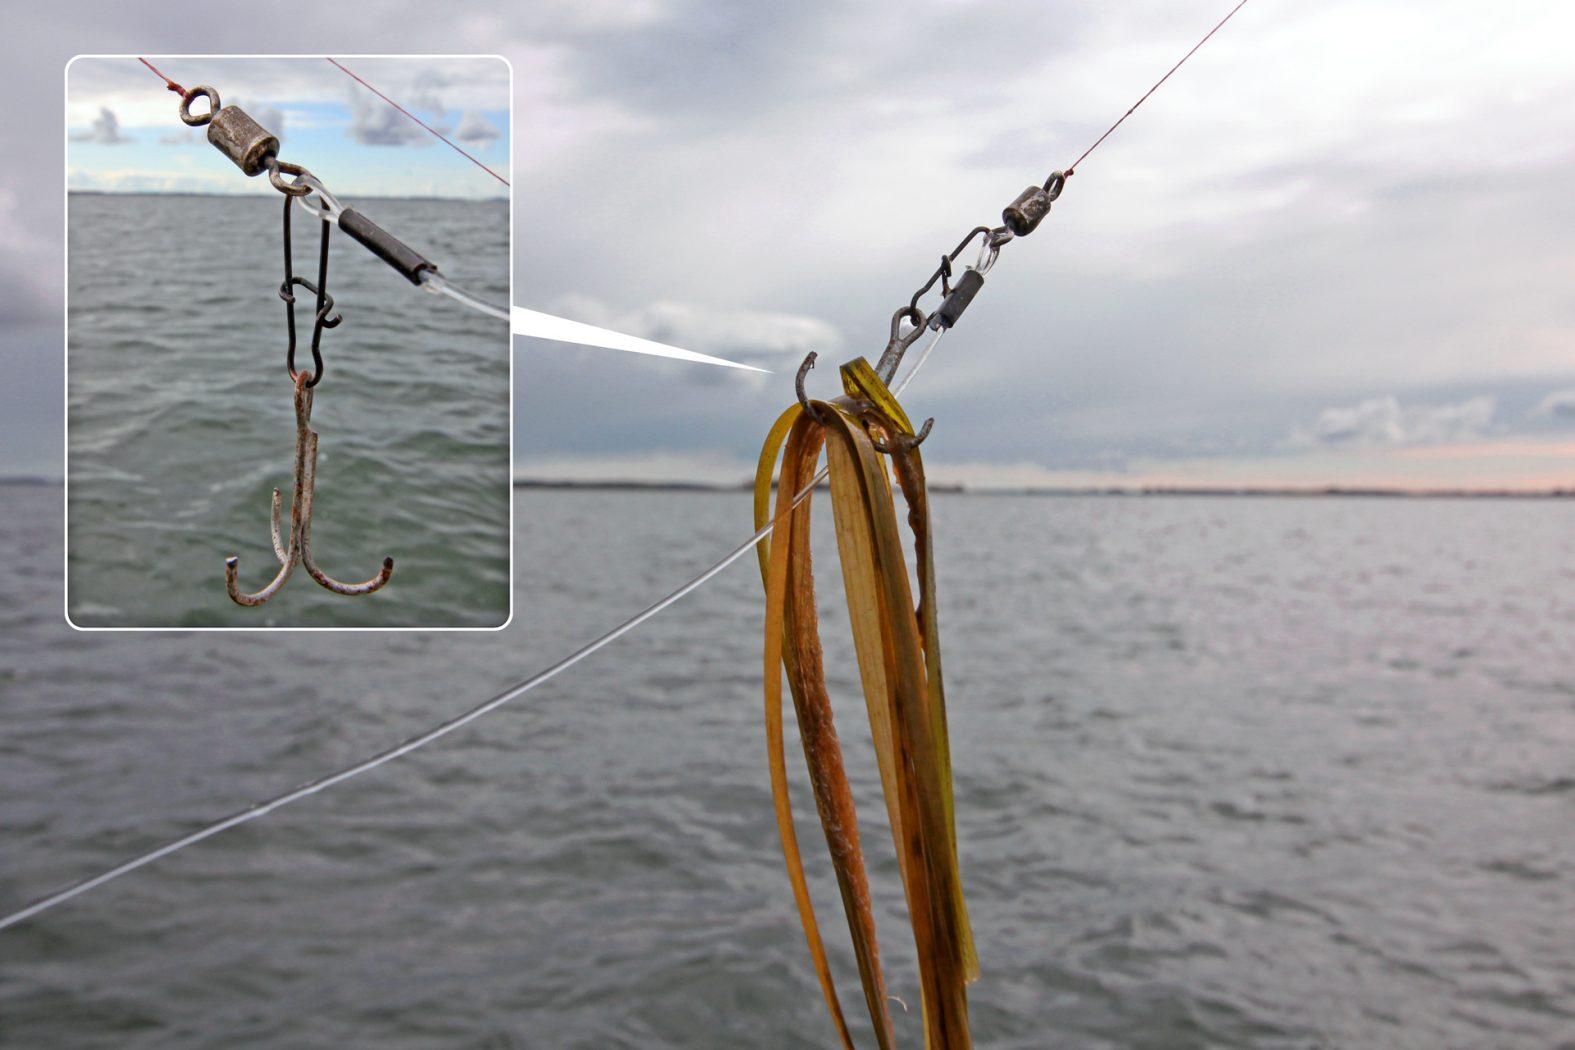 Tipps zum Hecht angeln: Krautschutz selber bauen